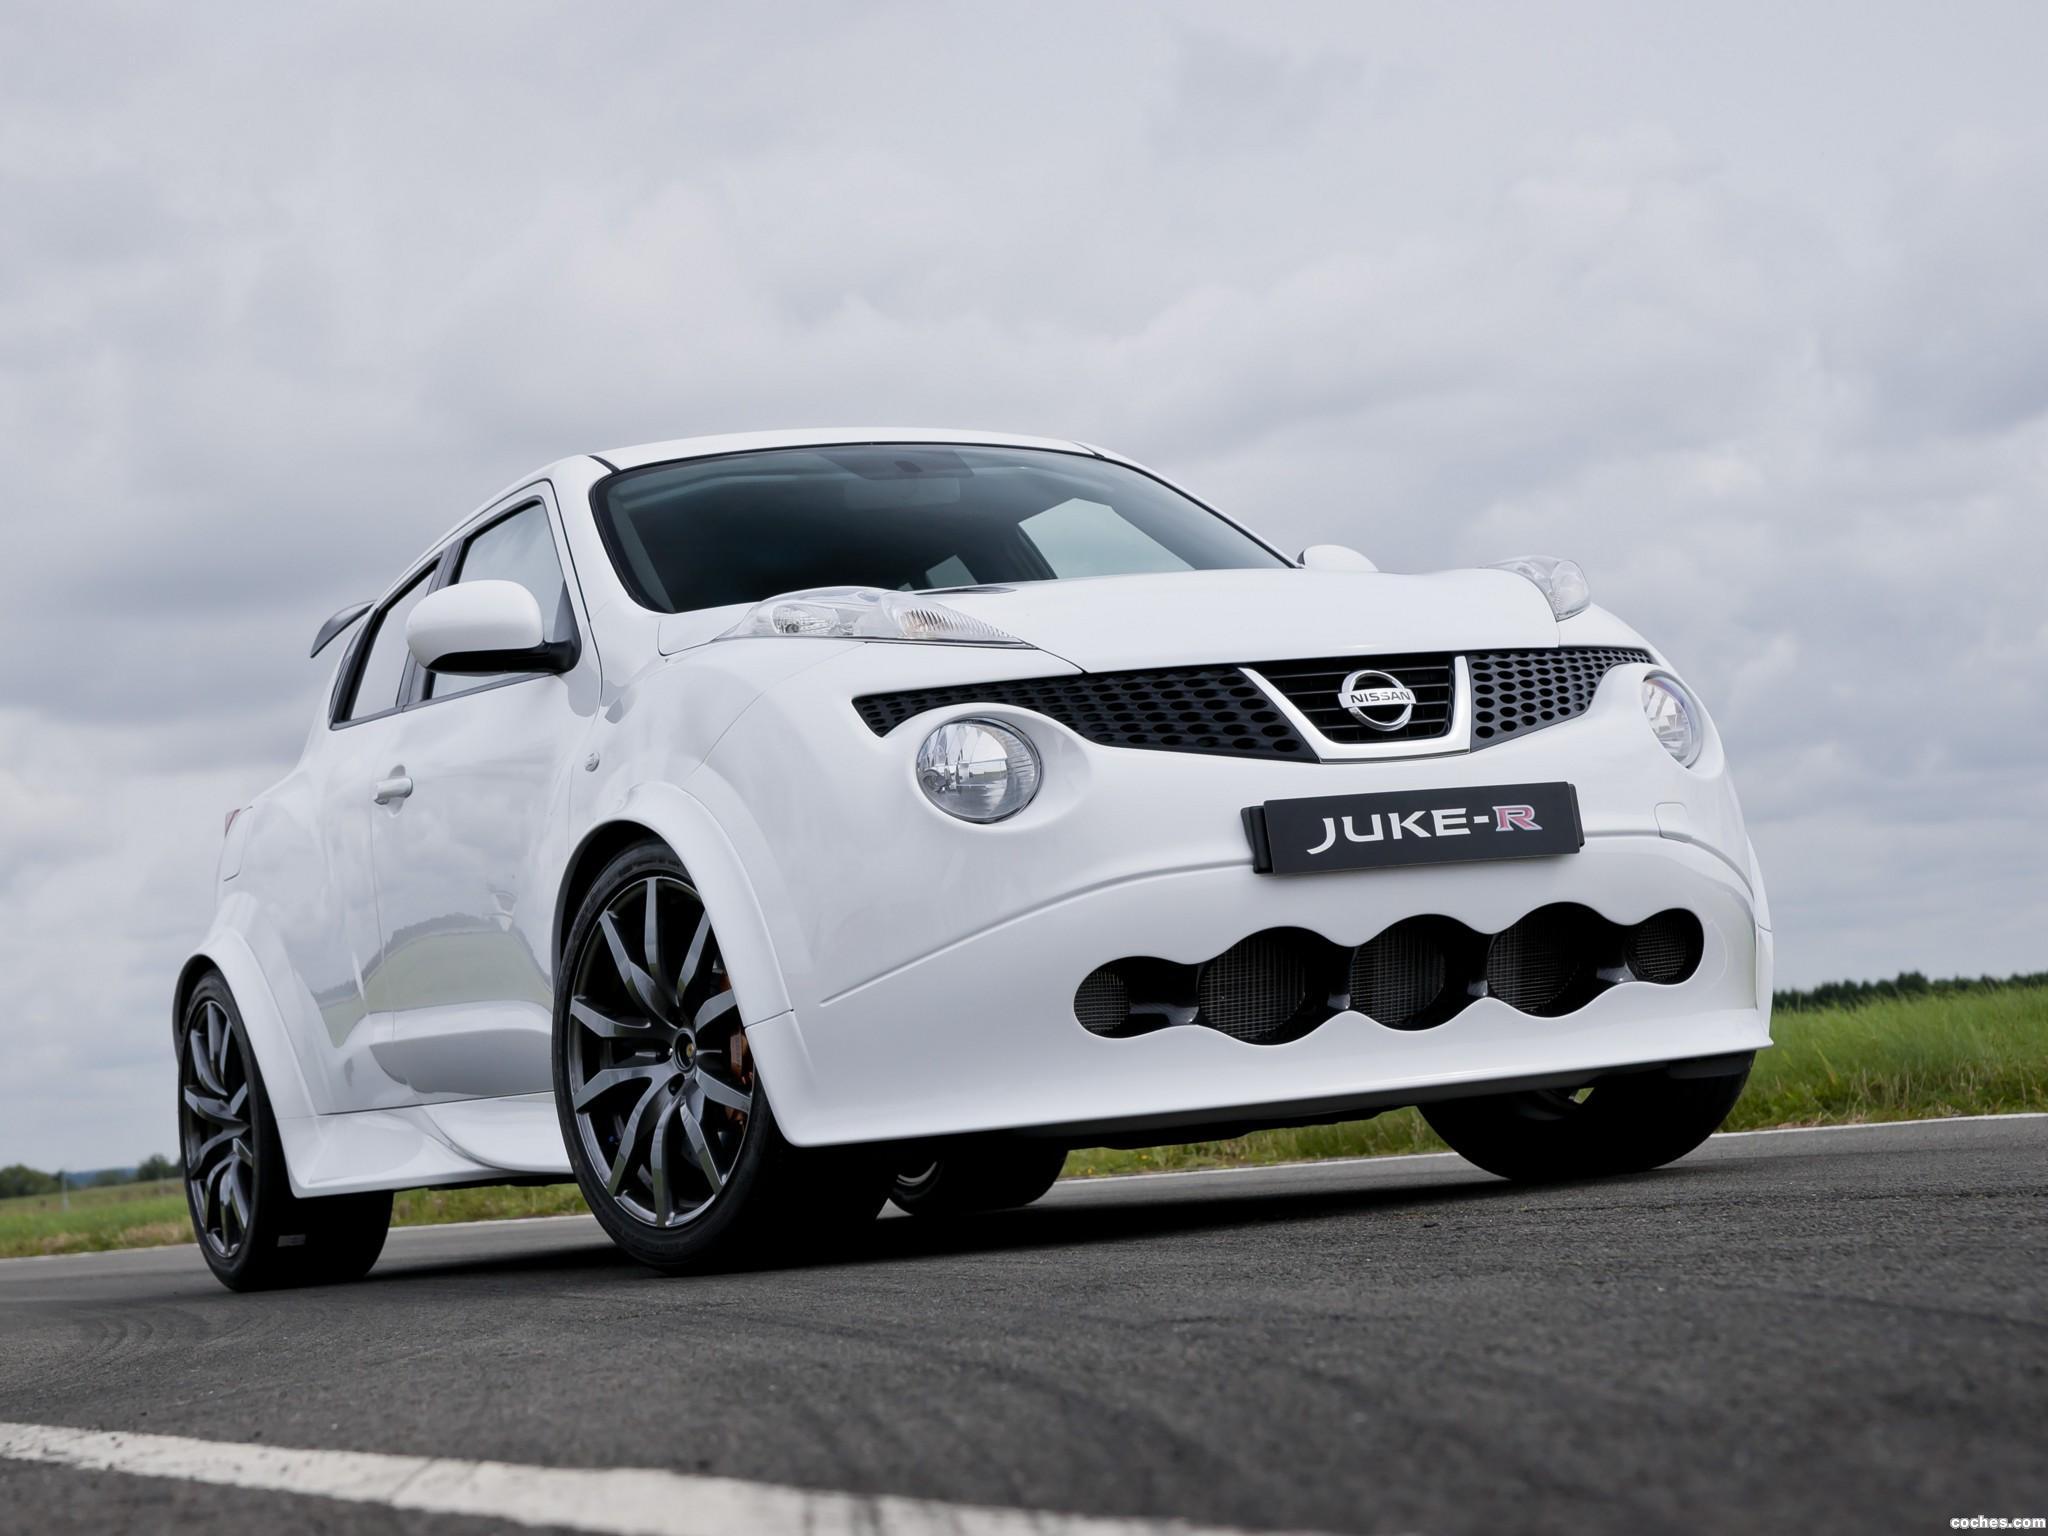 Foto 0 de Nissan Juke R 2012